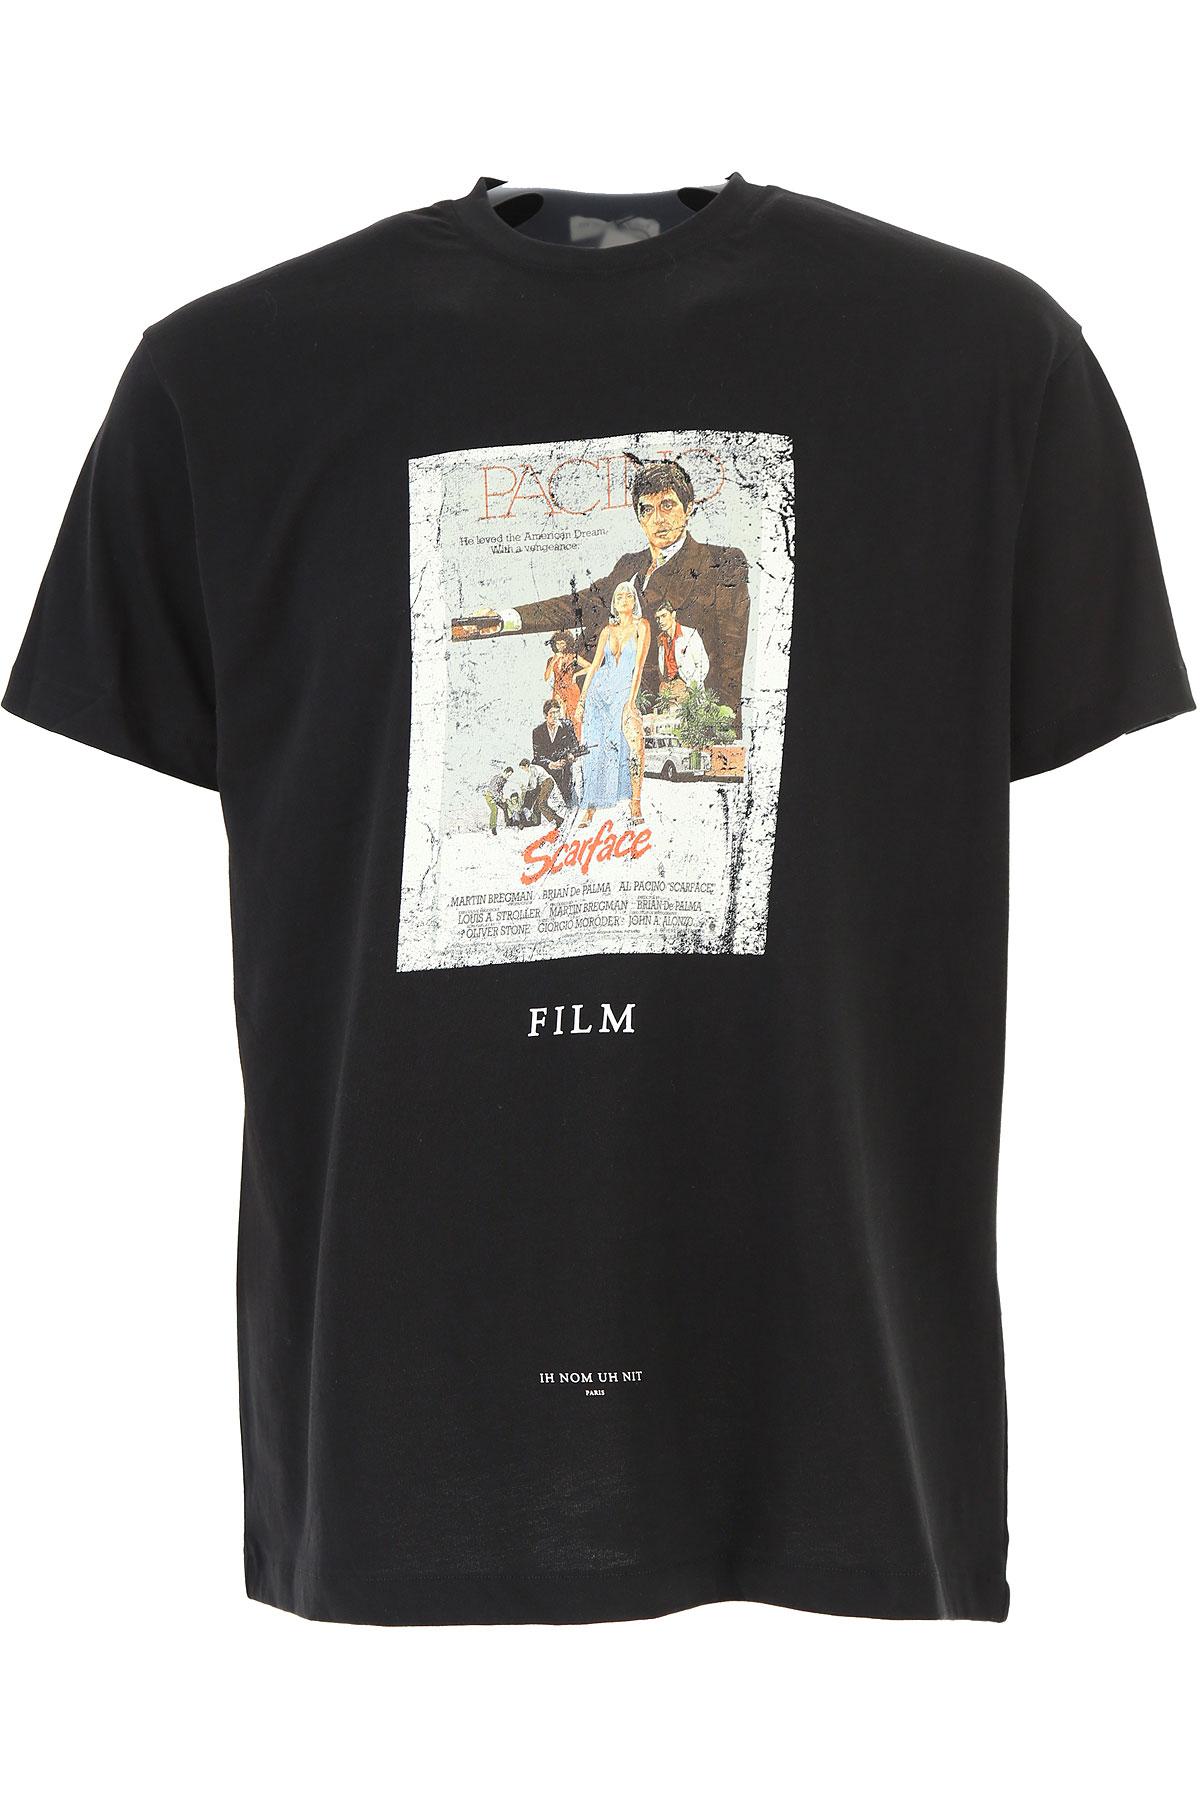 Ih Nom Uh Nit T-shirt Homme, Noir, Coton, 2017, L M S XL XS